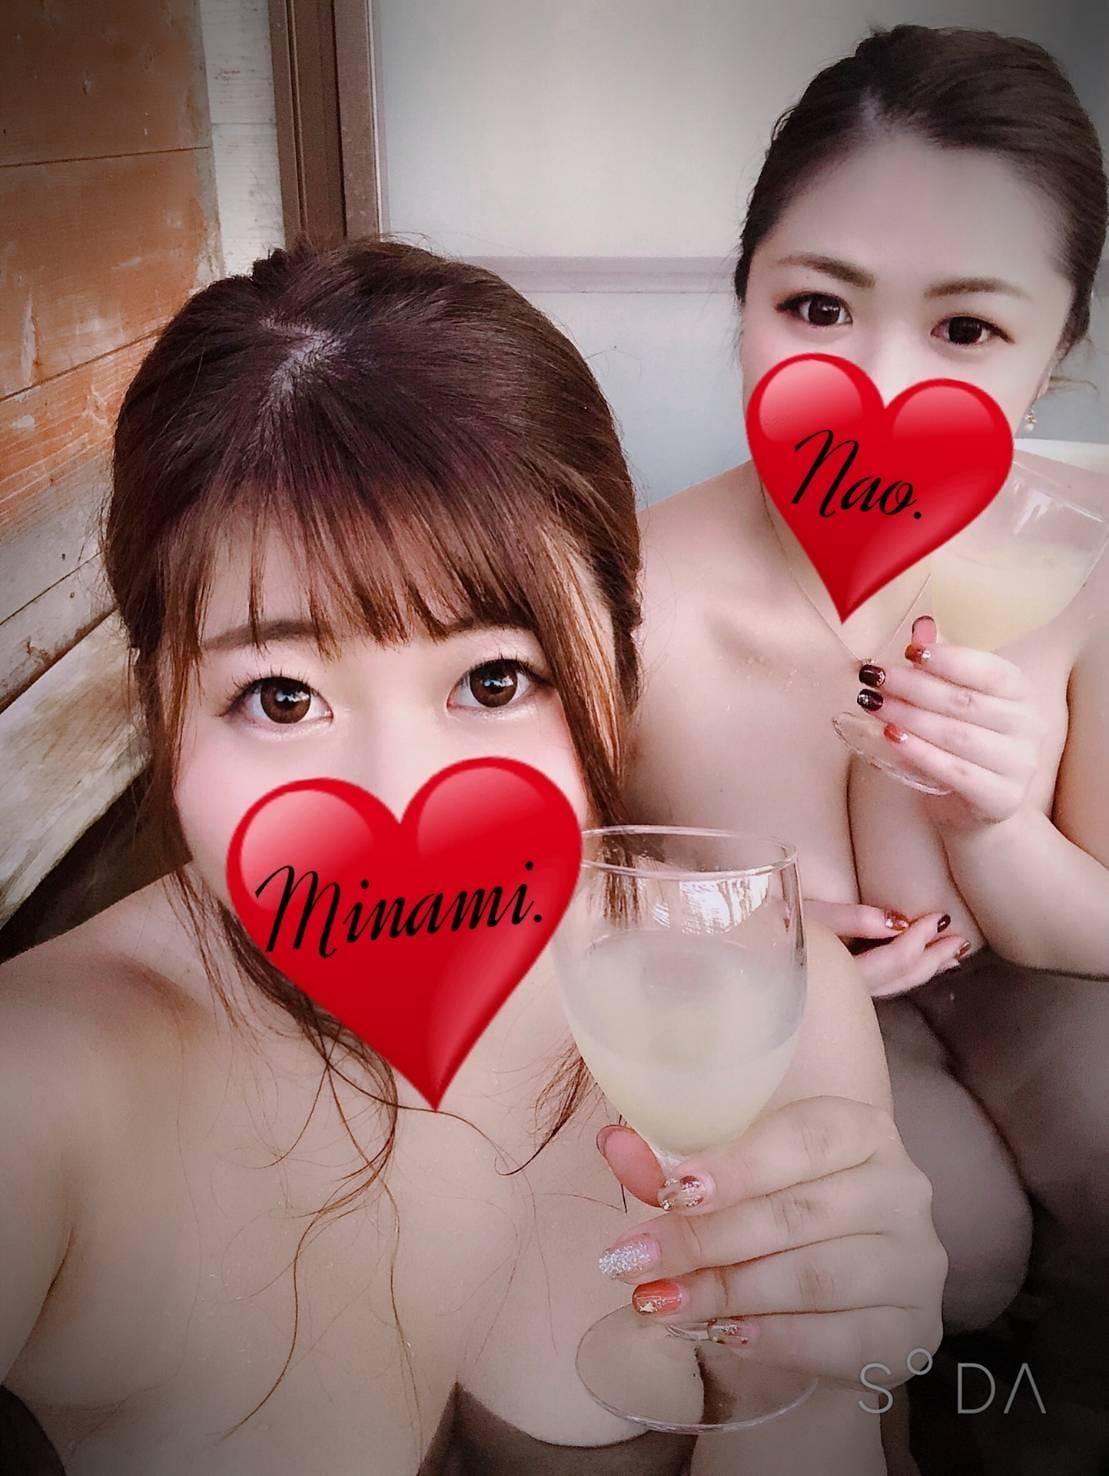 「おおおお!」11/15(金) 21:30 | みなみの写メ・風俗動画